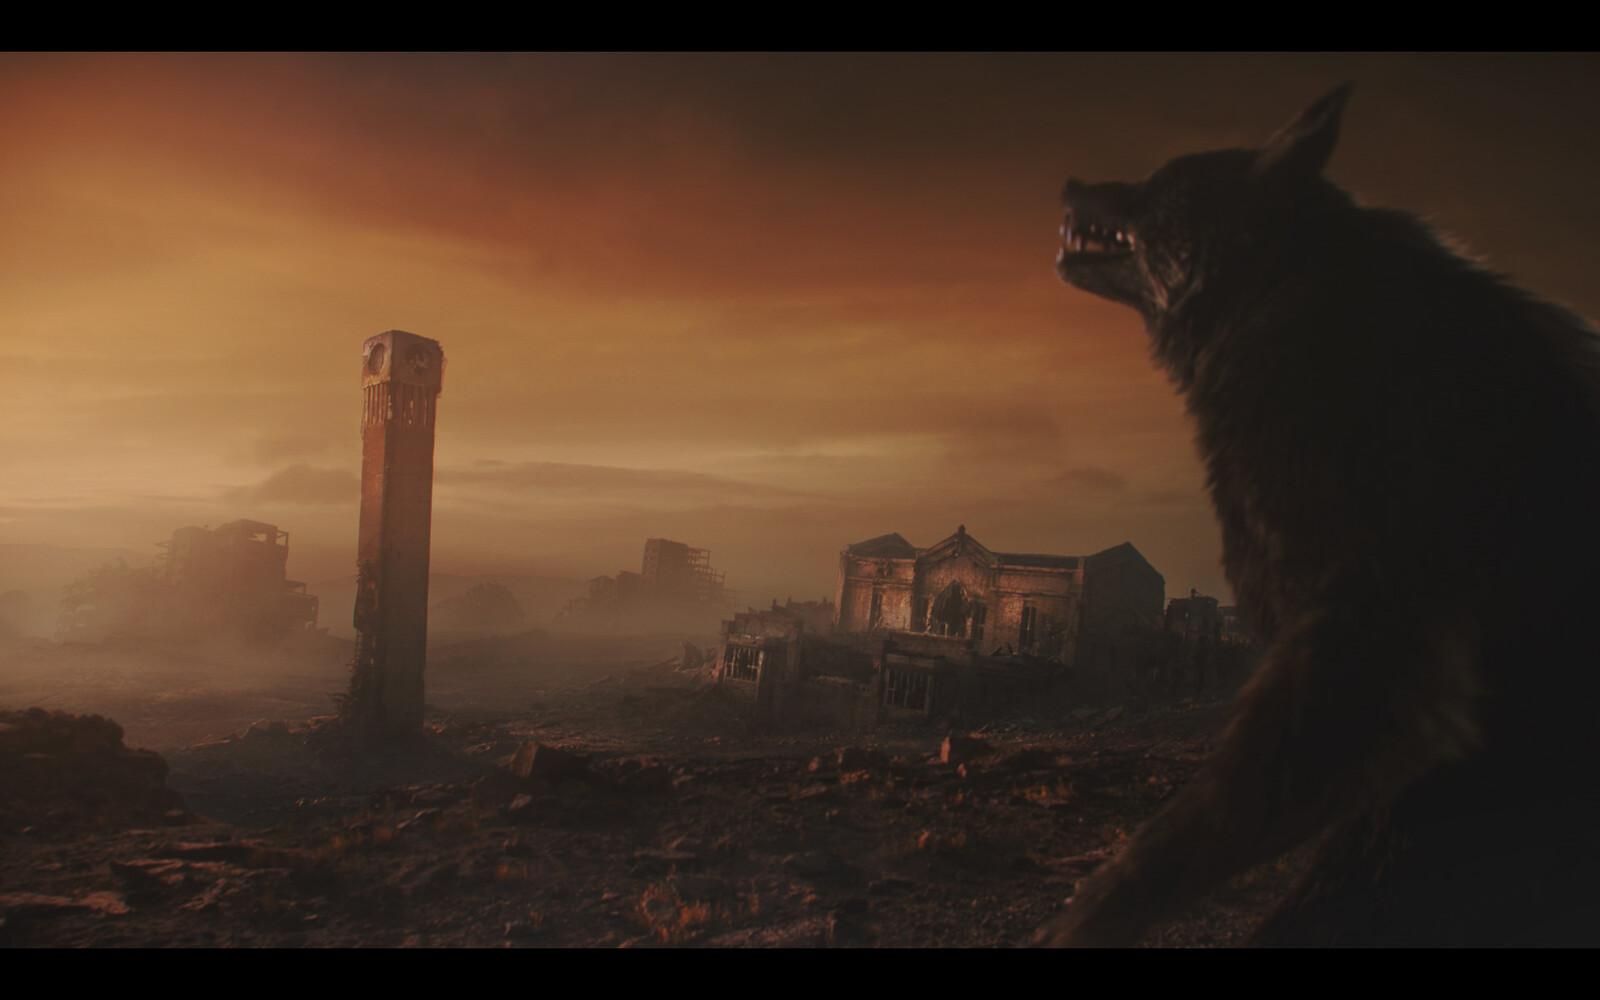 shot comped by Barnstorm VFX